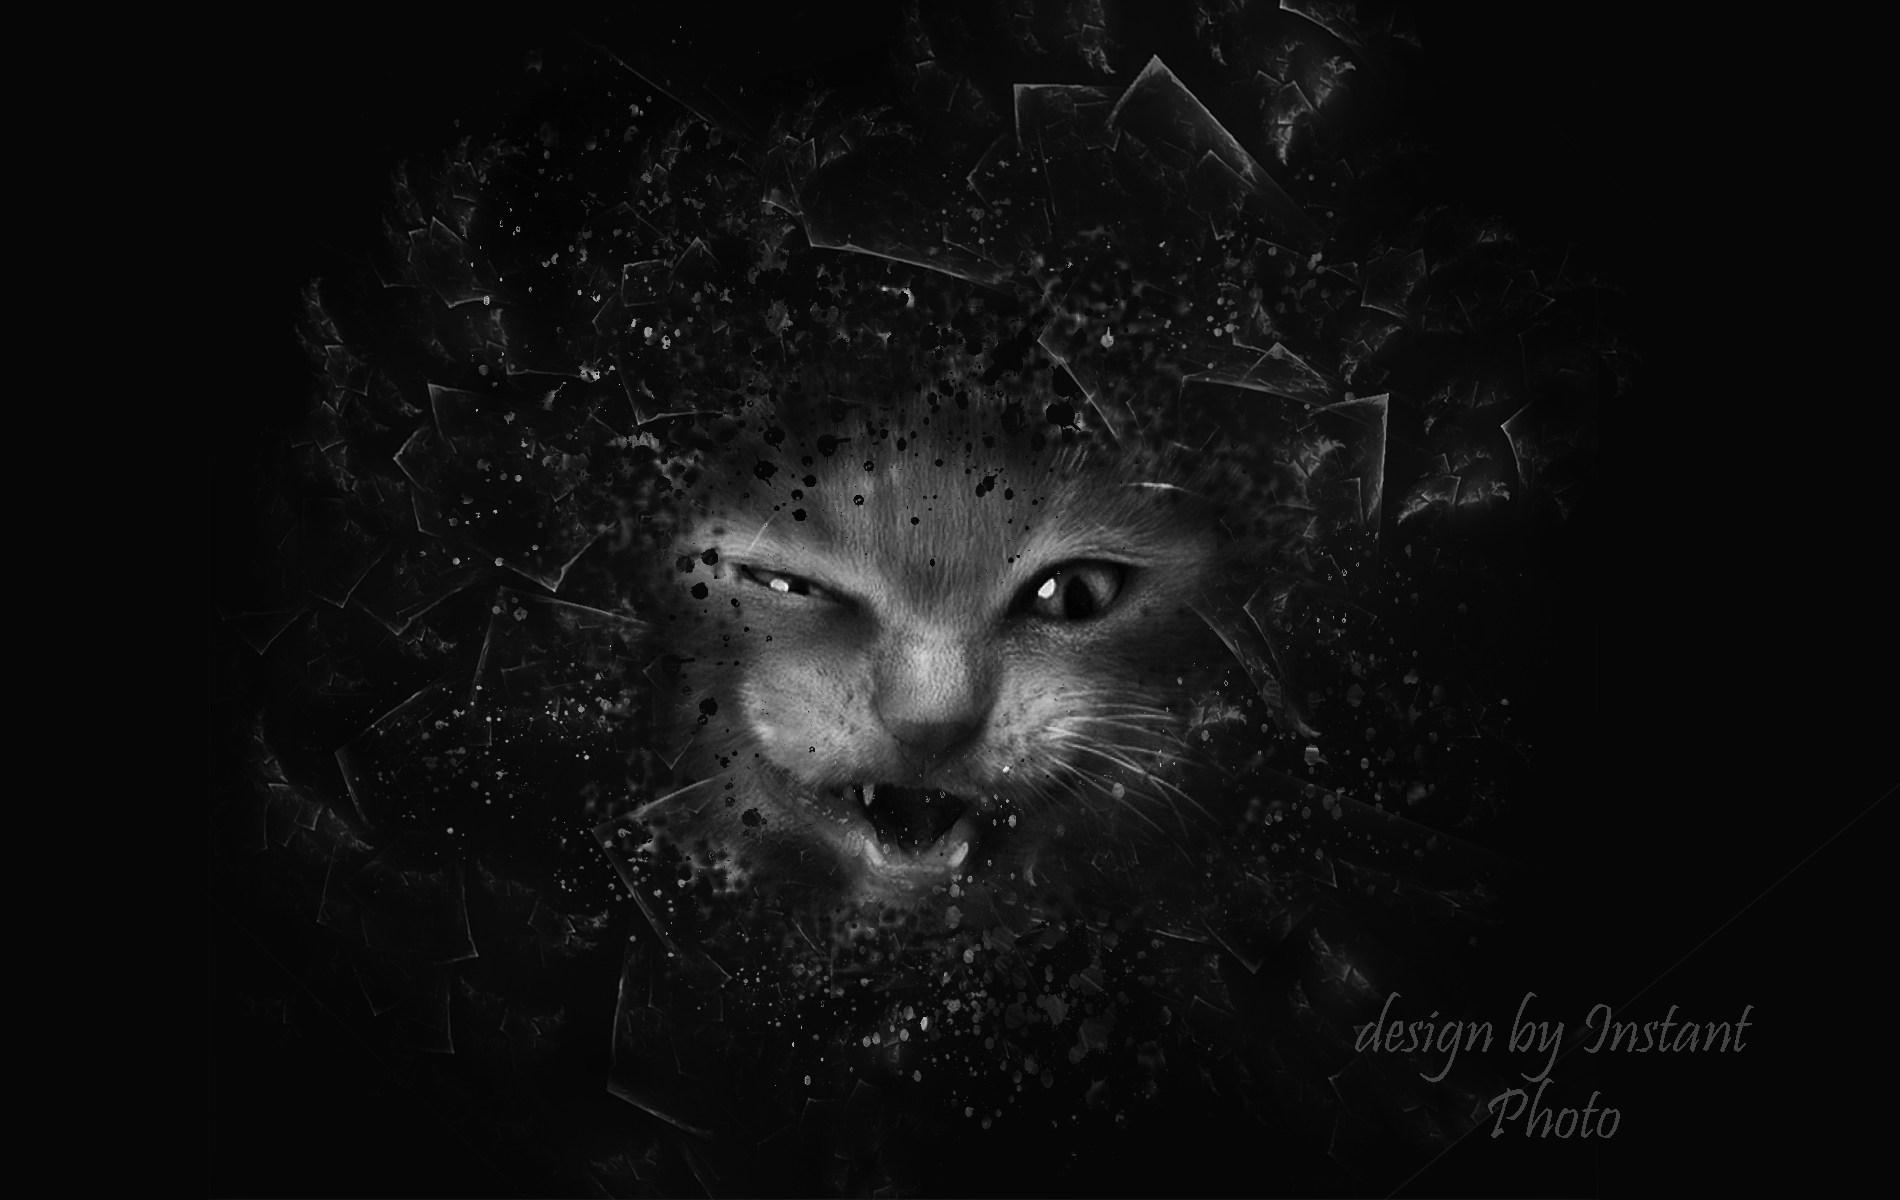 Télécharger Fonds D'écran Dark Cats Gratuitement